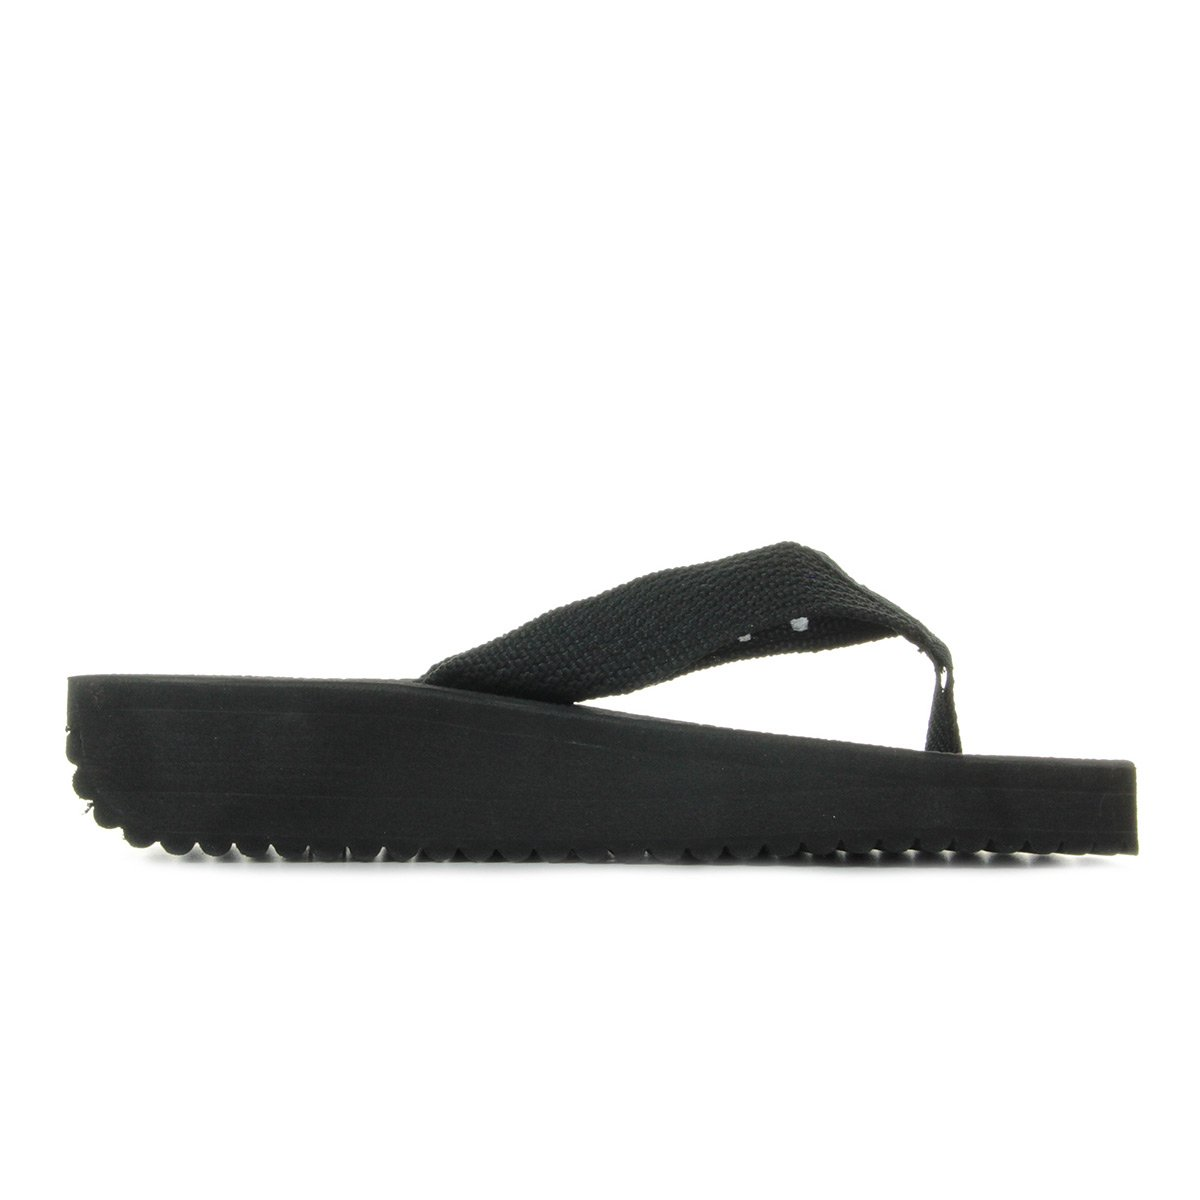 6cbfec5913 Fila Women's Wmn Base Tomaia Tbar Slipper Loafers, (Black 25y), 8 UK ...